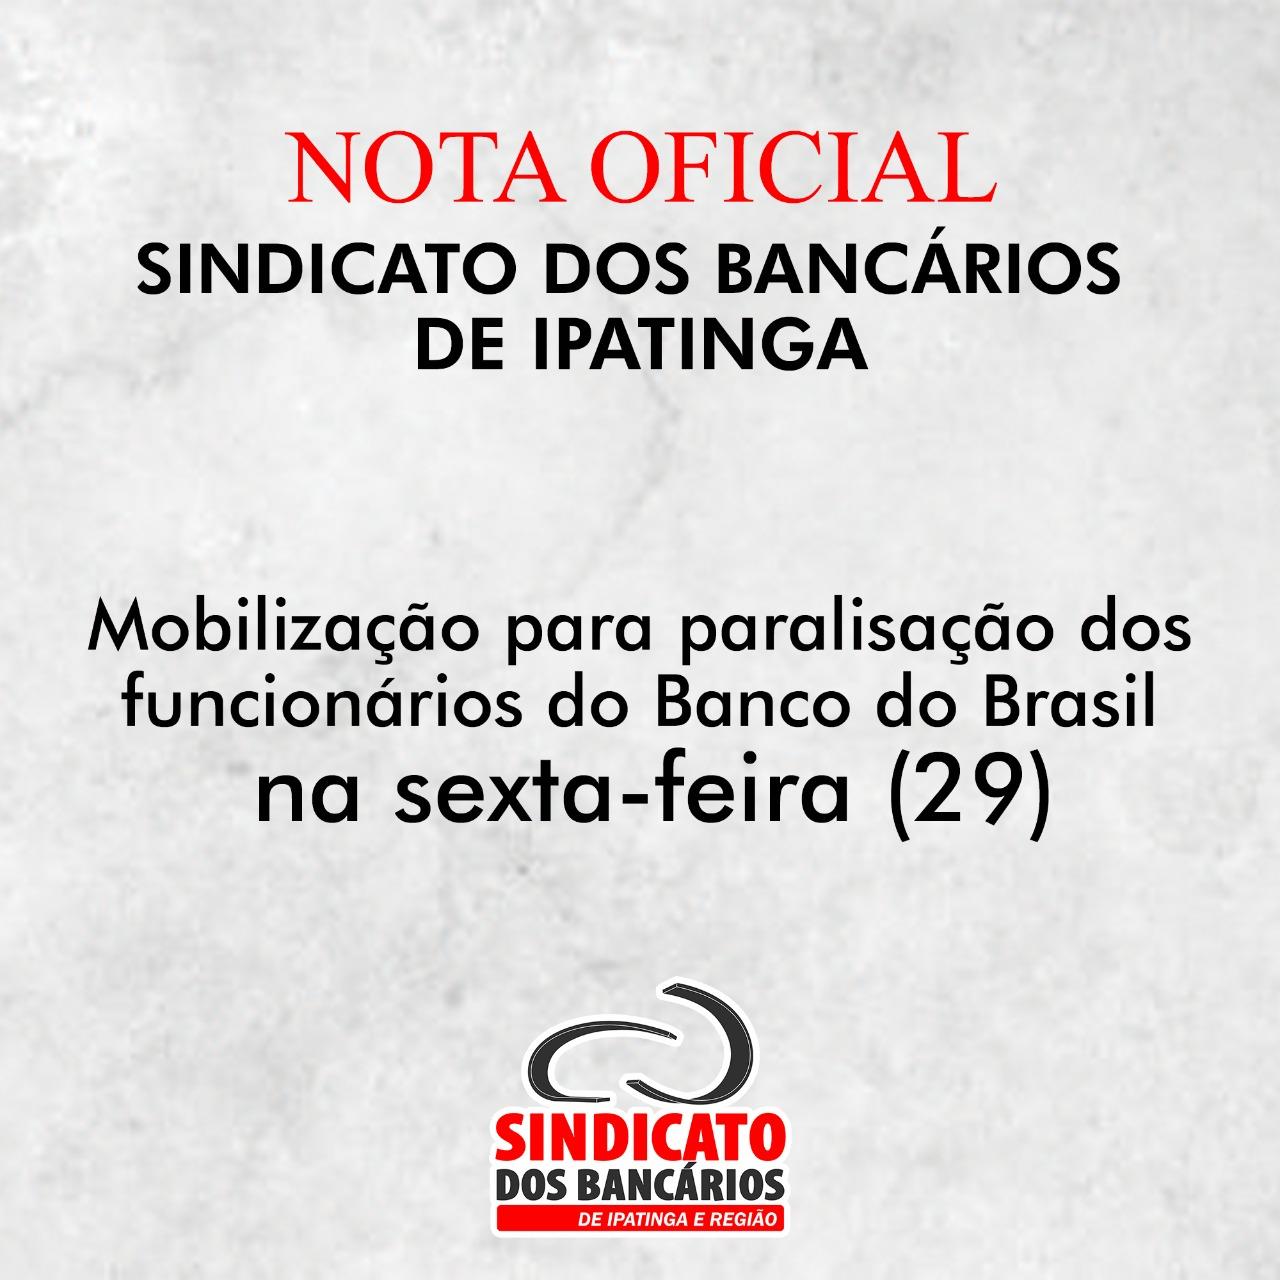 Imagem:Mobilização para paralisação dos funcionários do Banco do Brasil na sexta-feira (29)